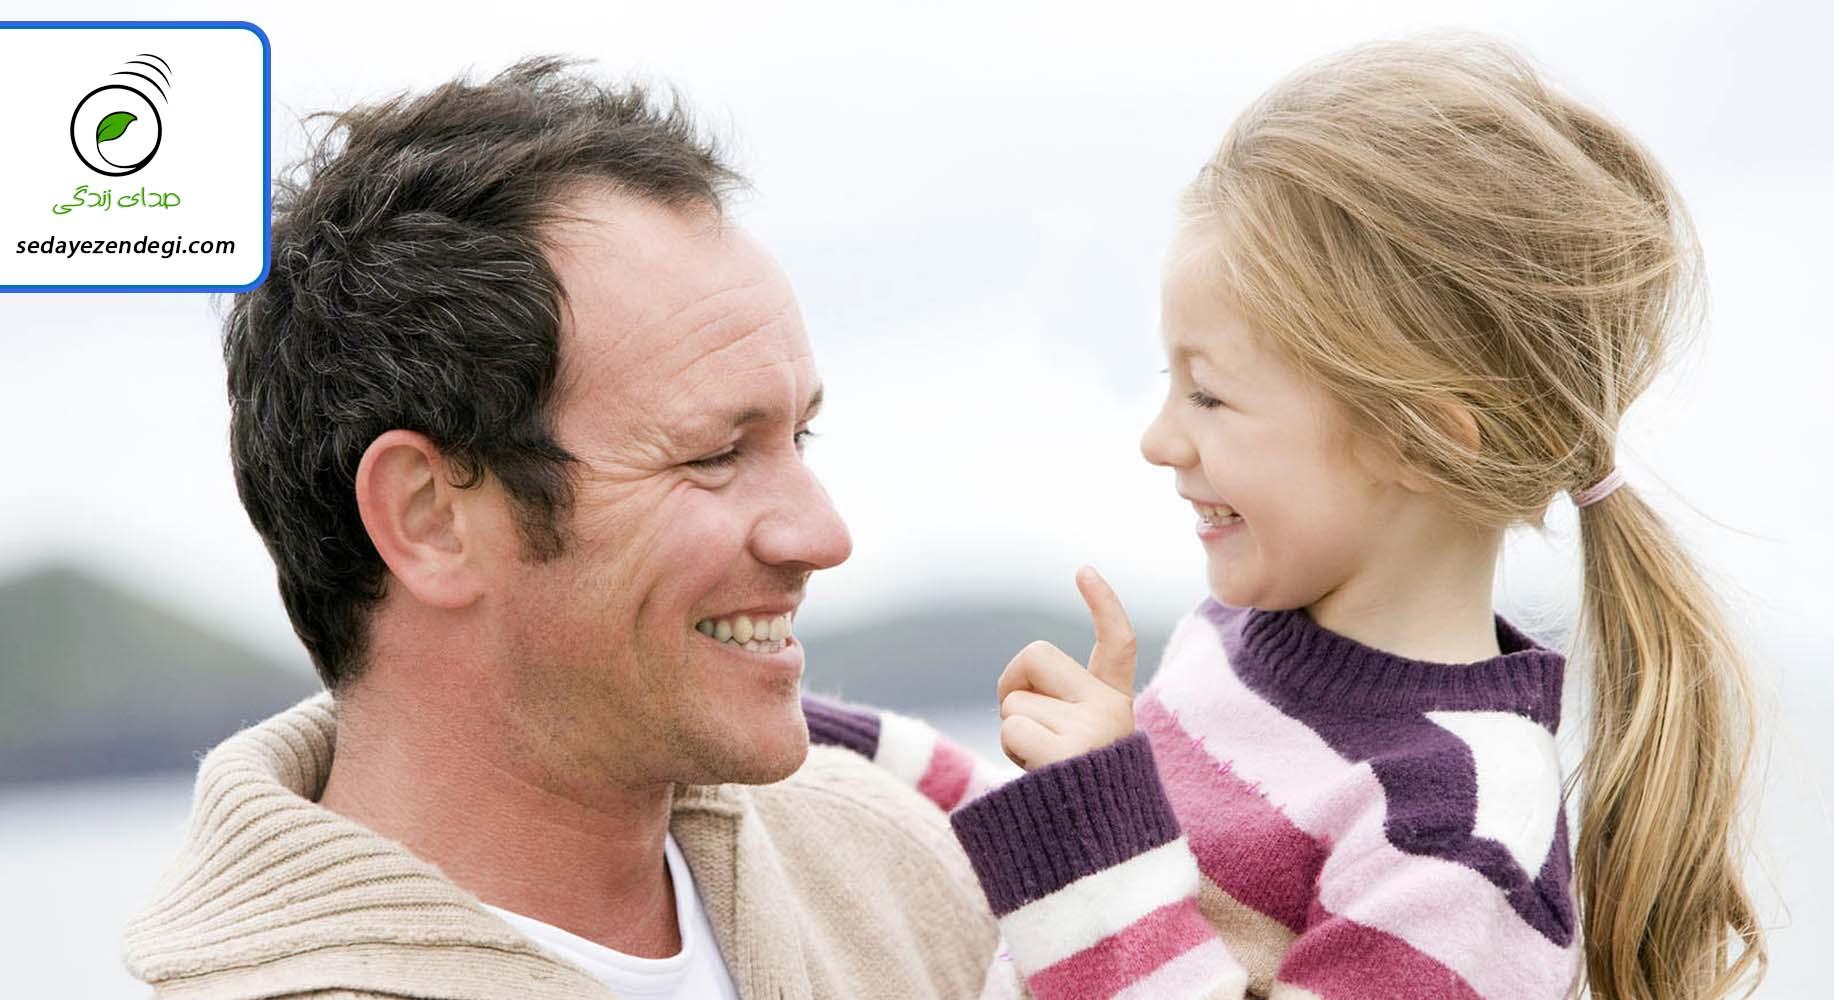 اصول پدری برای دخنران